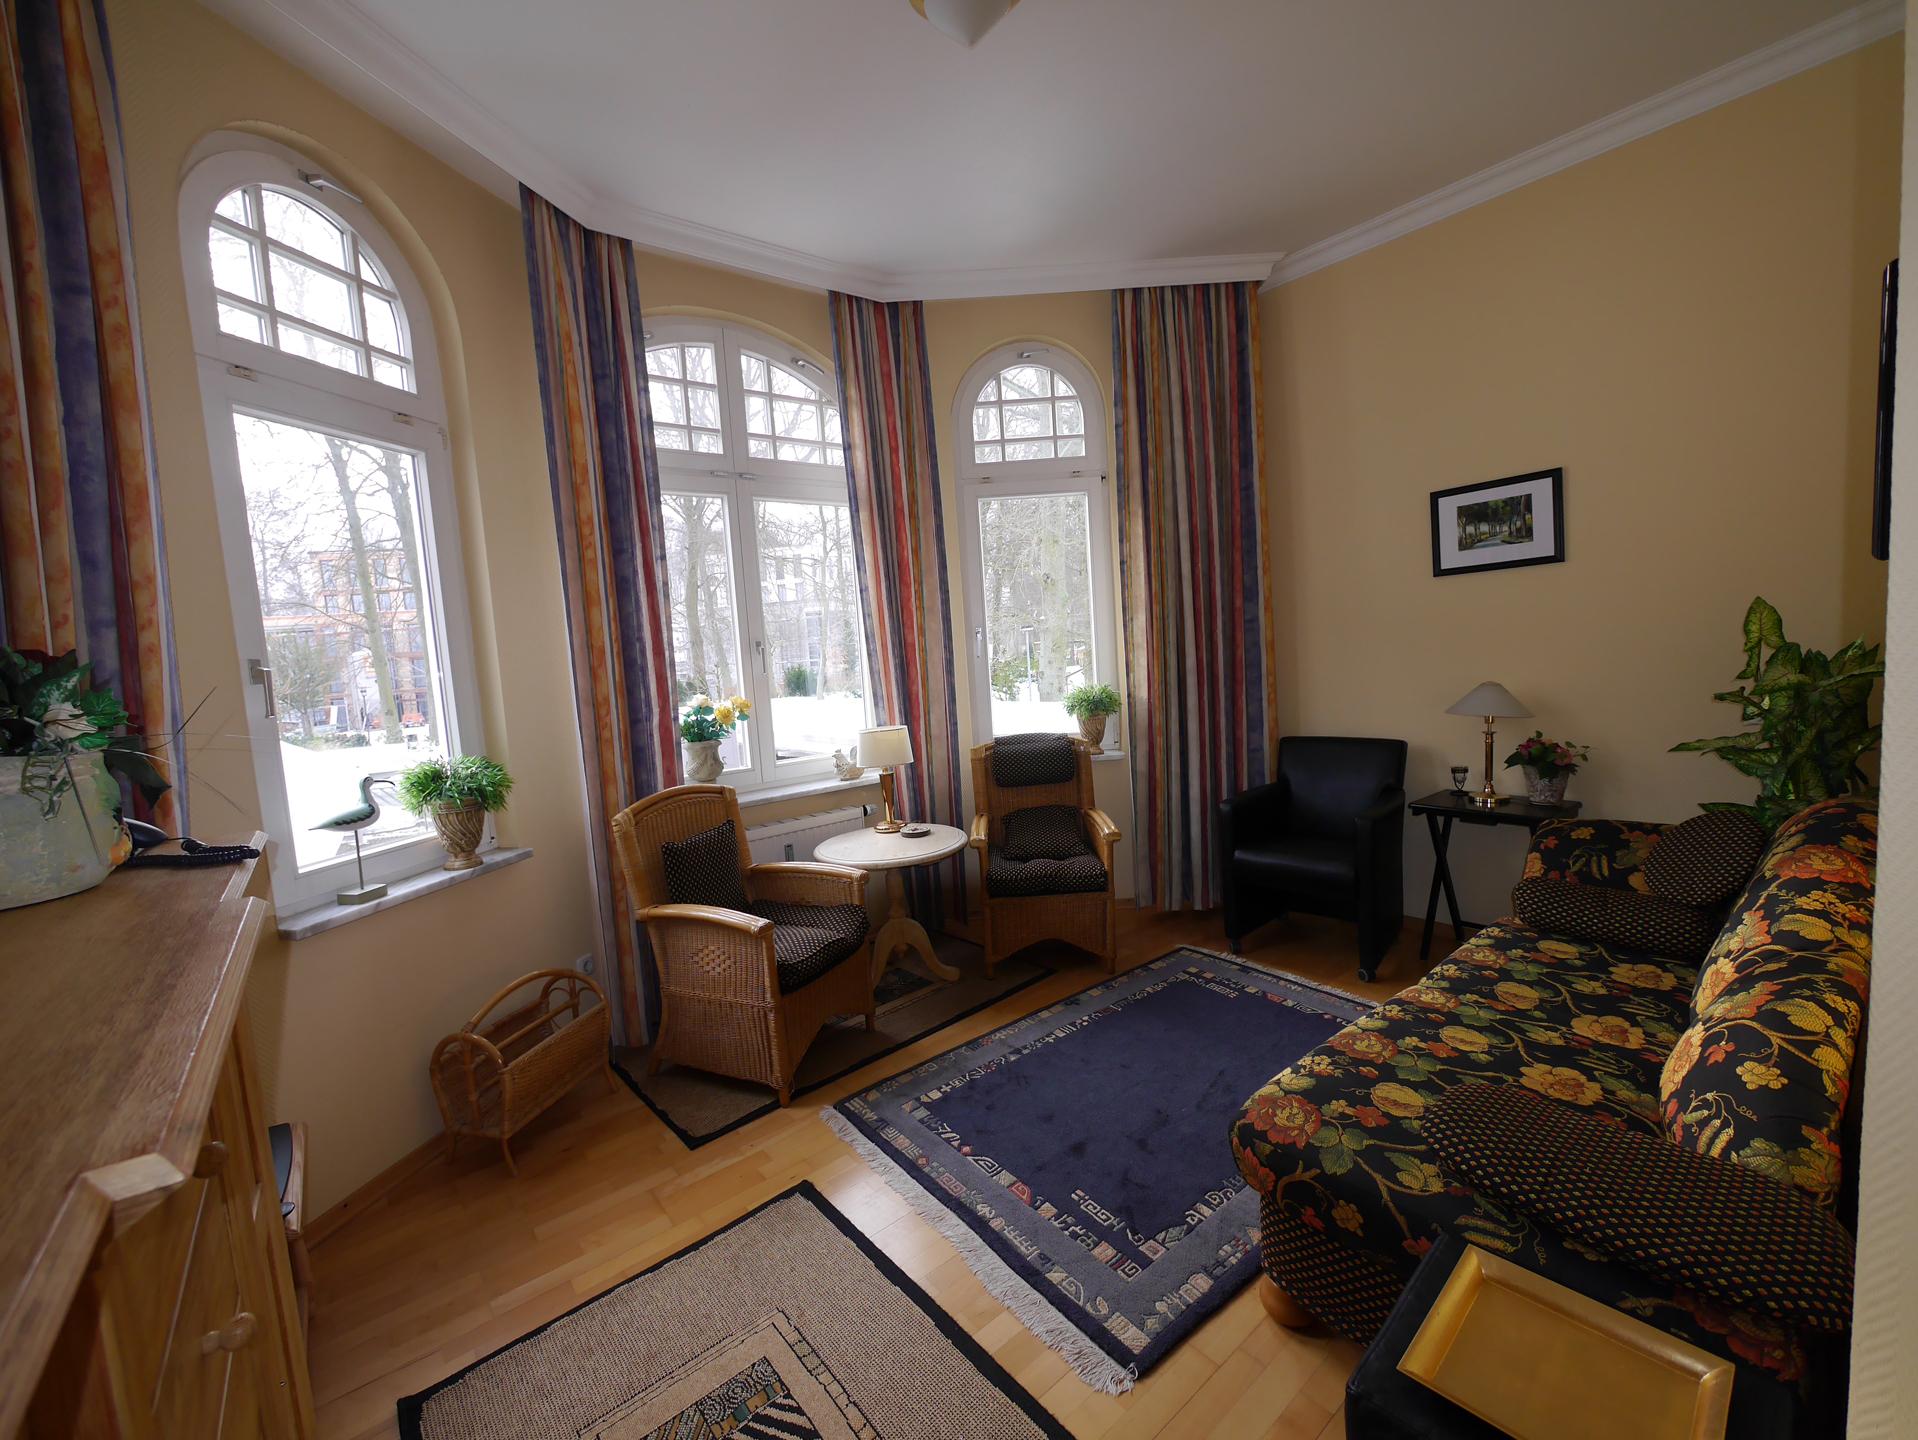 Das gemütliche Wohnzimmer mit hochwertigen Möbeln und rundum Ausblick